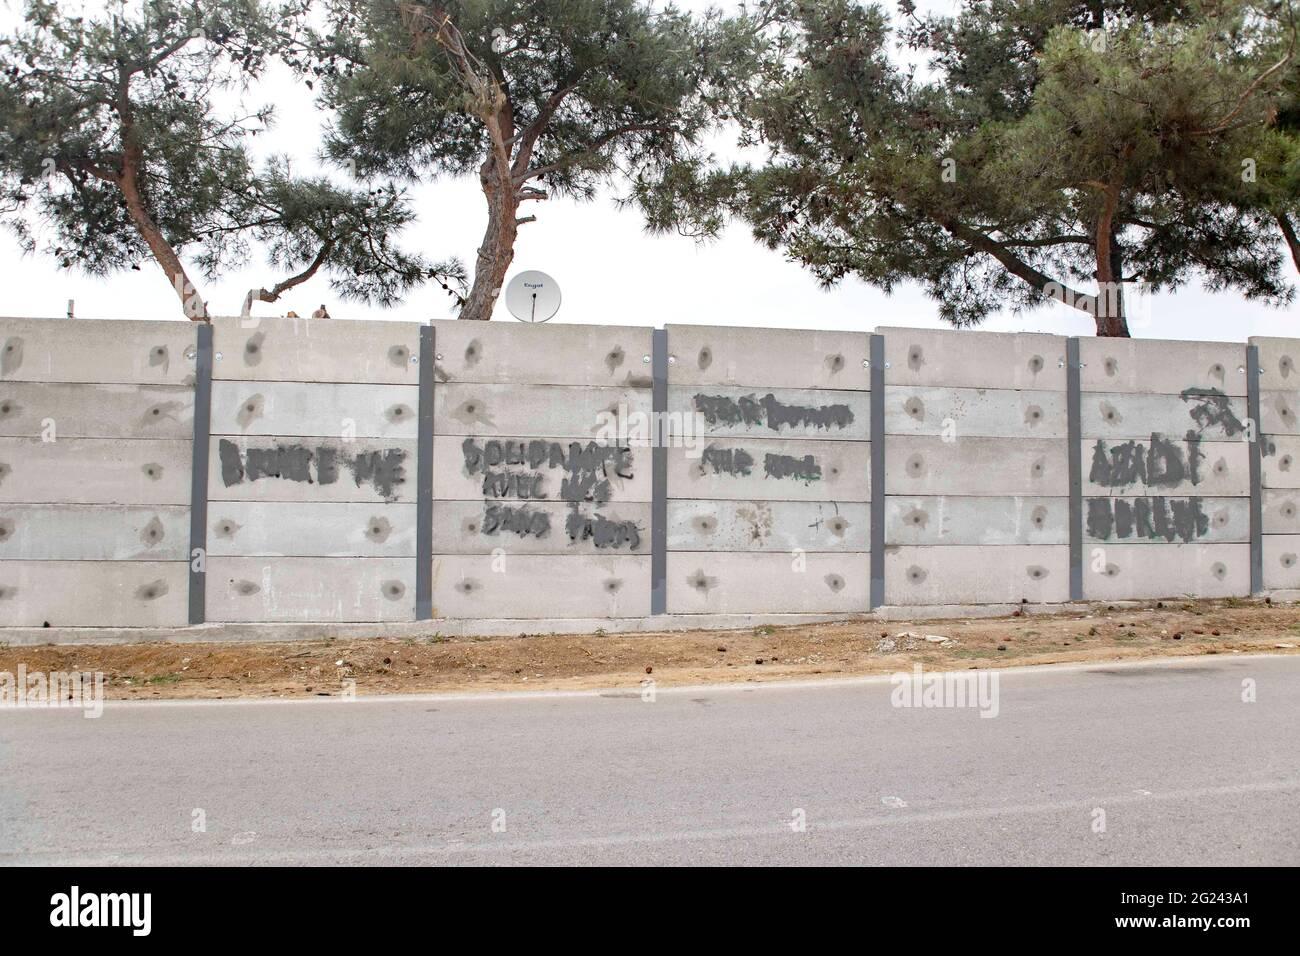 Thessaloniki, Griechenland. Juni 2021. Blick auf eine 3 Meter lange graue Mauer, die um das Diavata-Flüchtlingslager in der Nähe von Thessaloniki errichtet wurde. Um Flüchtlingslager auf dem griechischen Festland und den griechischen Inseln werden hohe Betonwände errichtet, ein Schritt, den Griechenland für Sicherheitszwecke beansprucht. (Foto von Nik Oiko/SOPA Images/Sipa USA) Quelle: SIPA USA/Alamy Live News Stockfoto